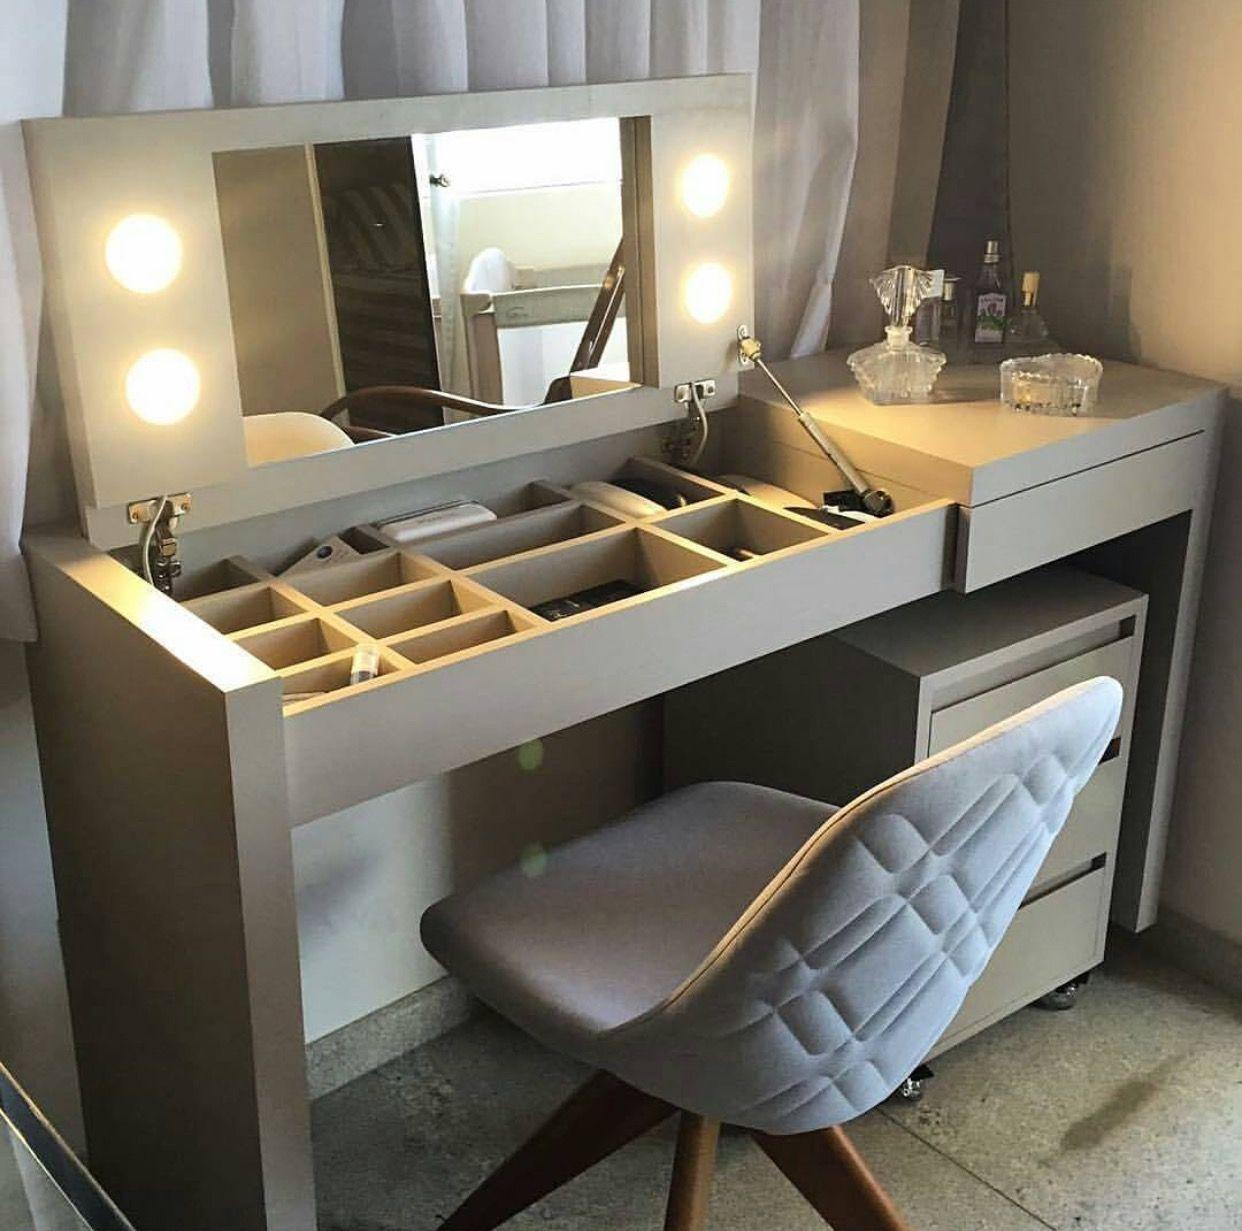 Bàn trang điểm kết hợp bàn làm việc có gương lật và đèn led